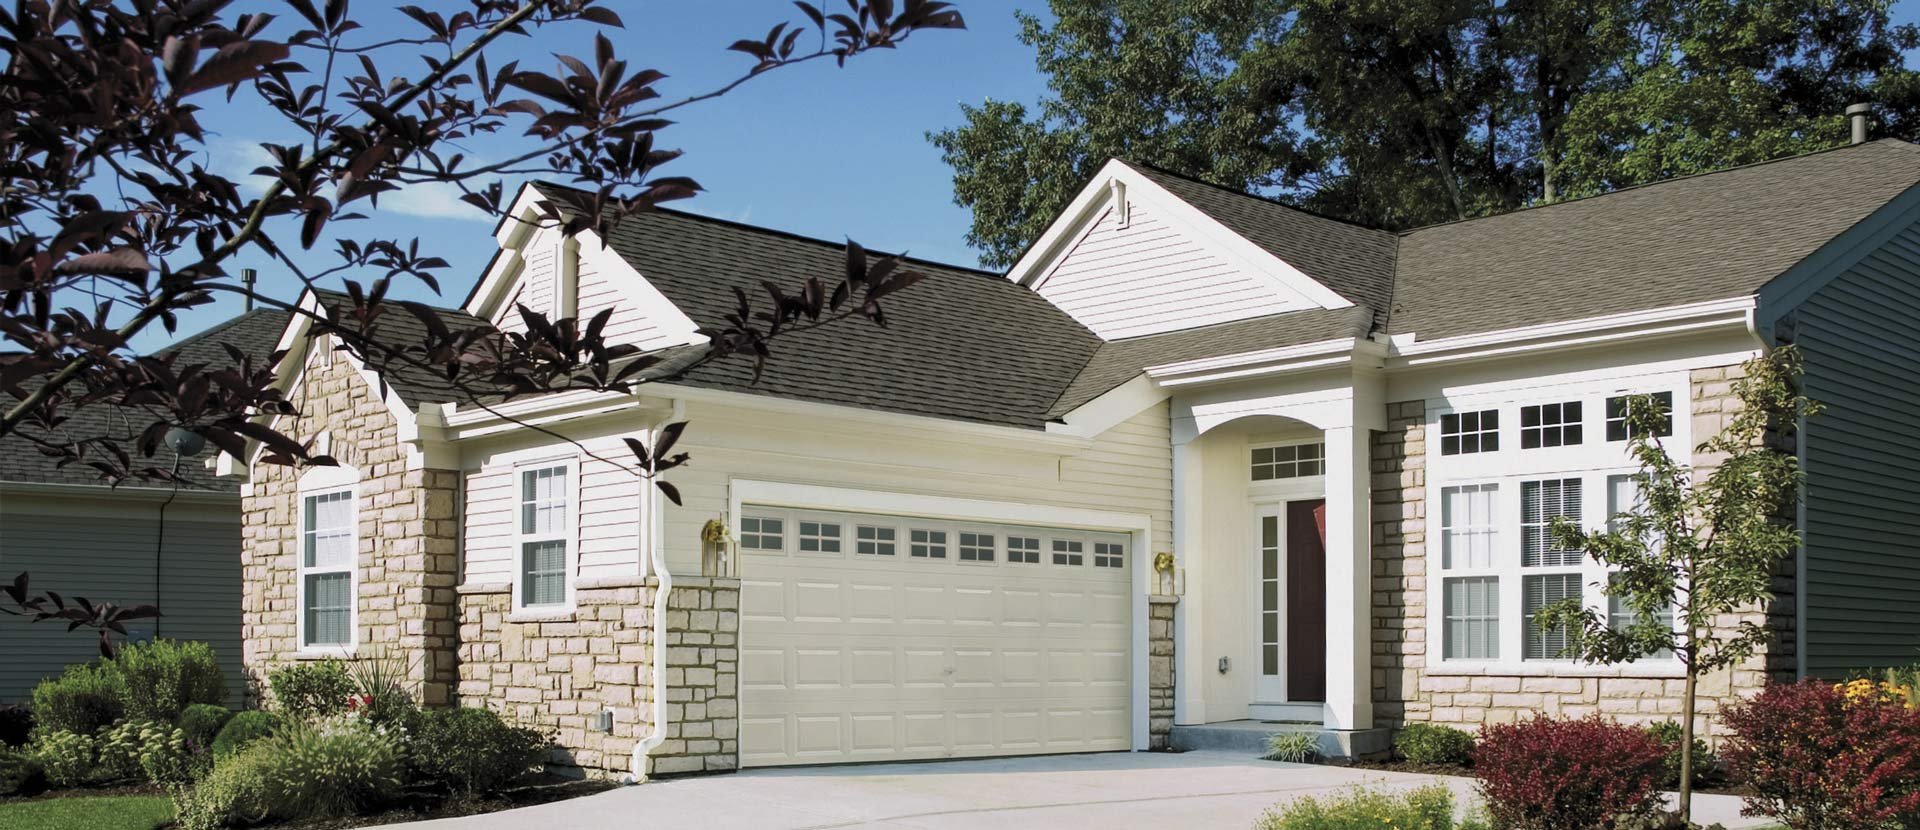 Garage Door Specialists Where Experience Matters